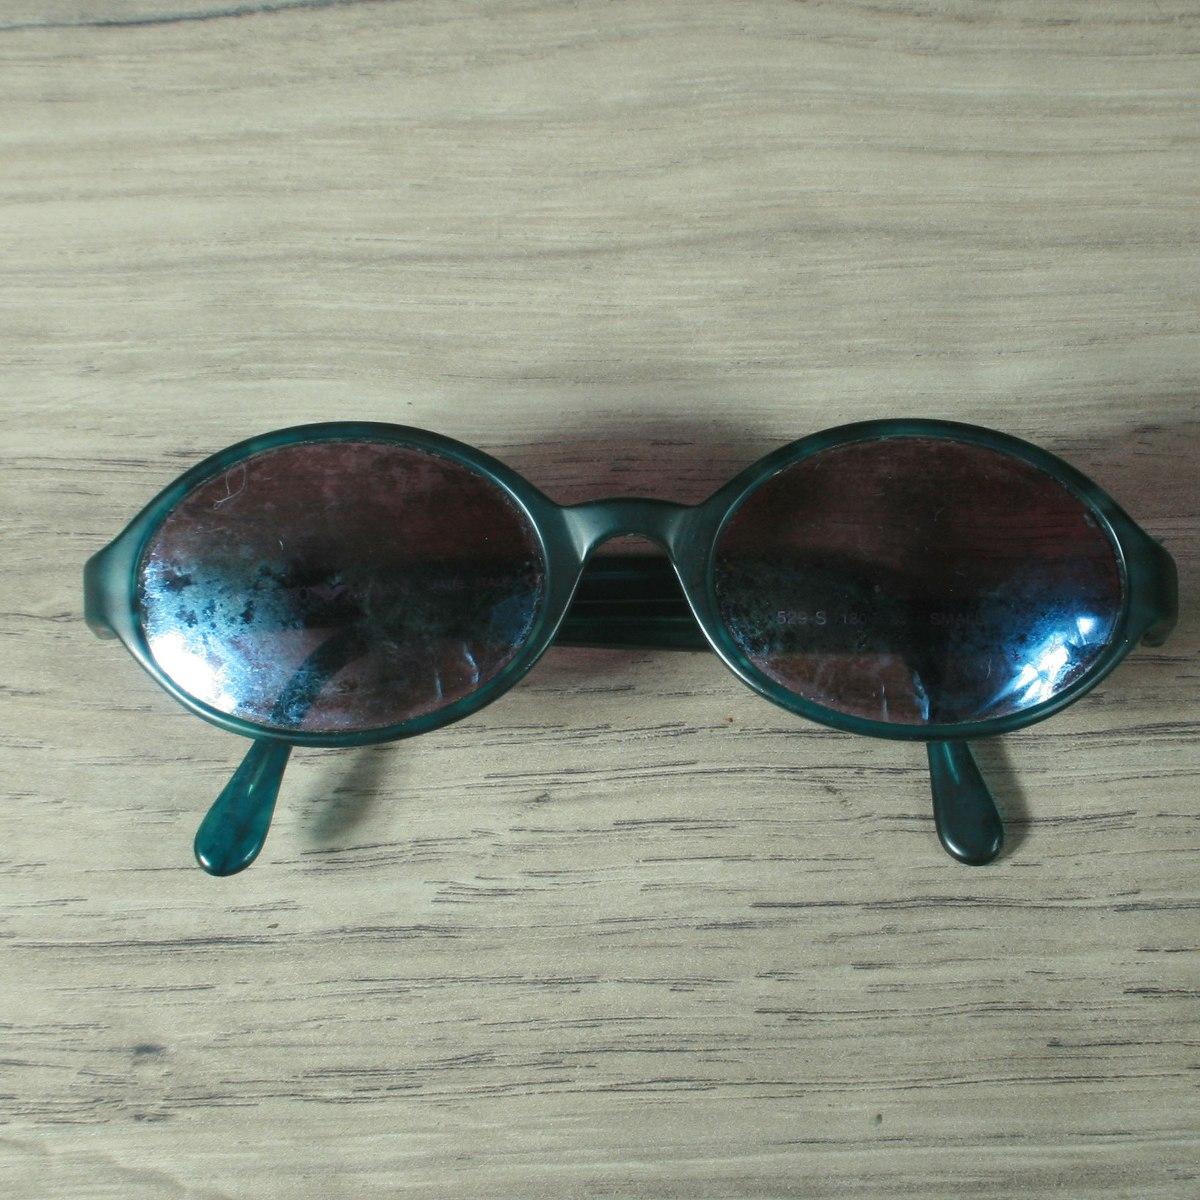 fb4e063809dce armação de óculos da marca emporio armani modelo small 130. Carregando zoom.